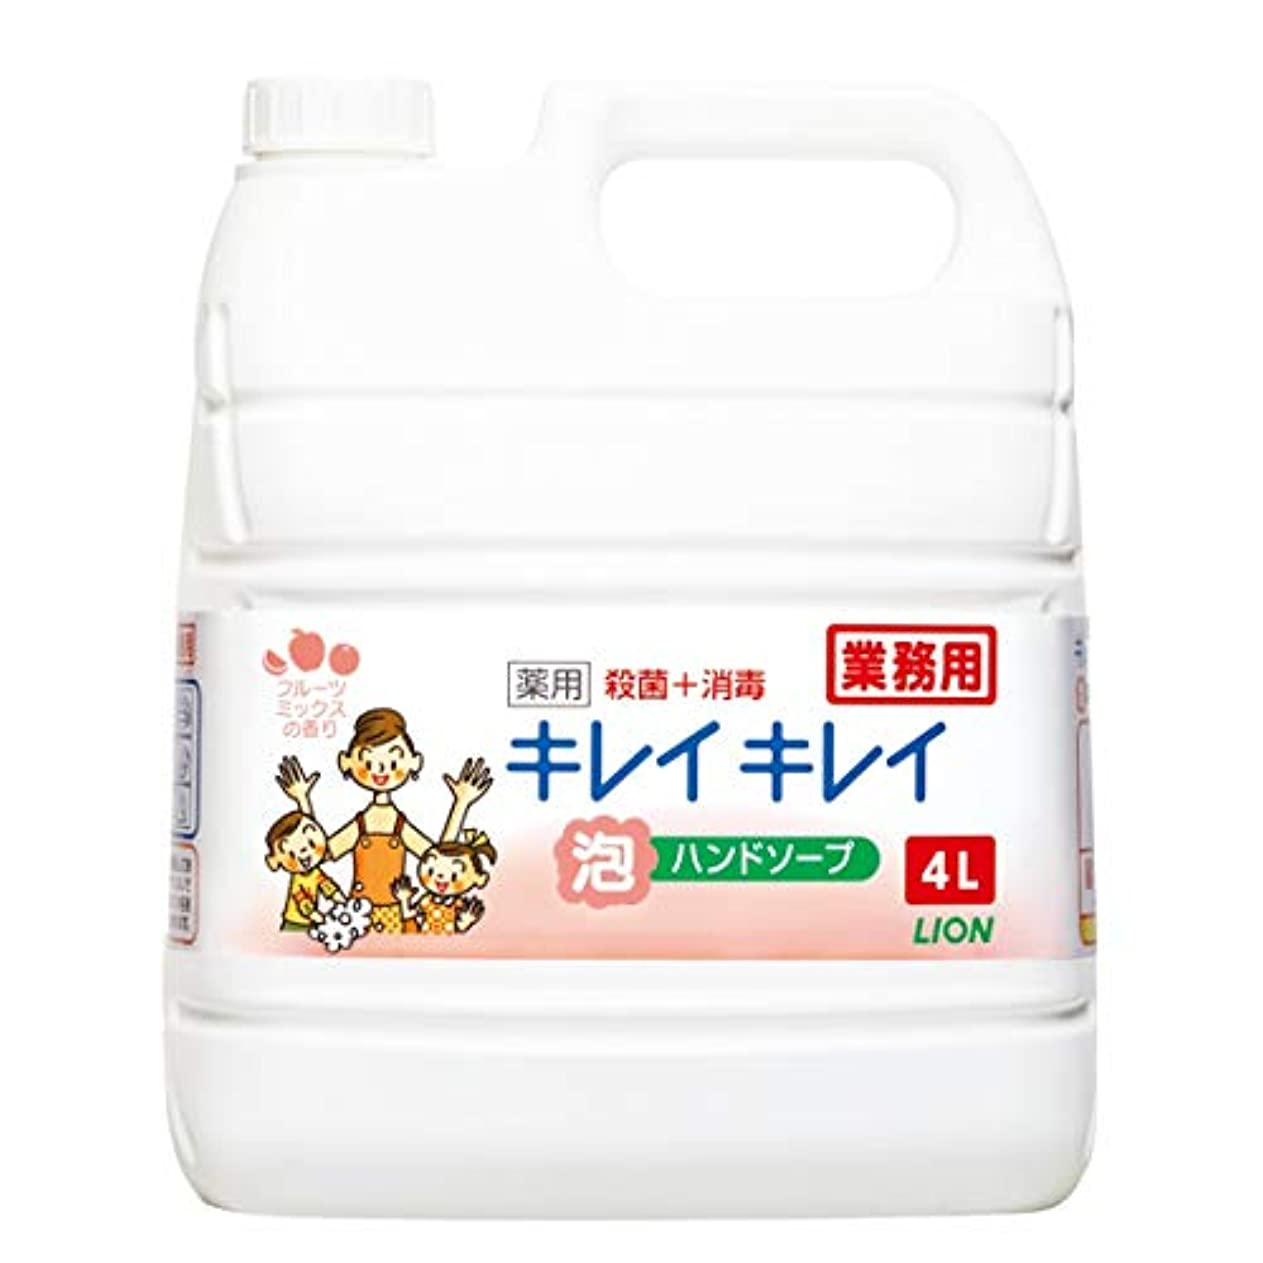 式データムトラブル【業務用 大容量】キレイキレイ 薬用 泡ハンドソープフルーツミックスの香り 4L(医薬部外品)